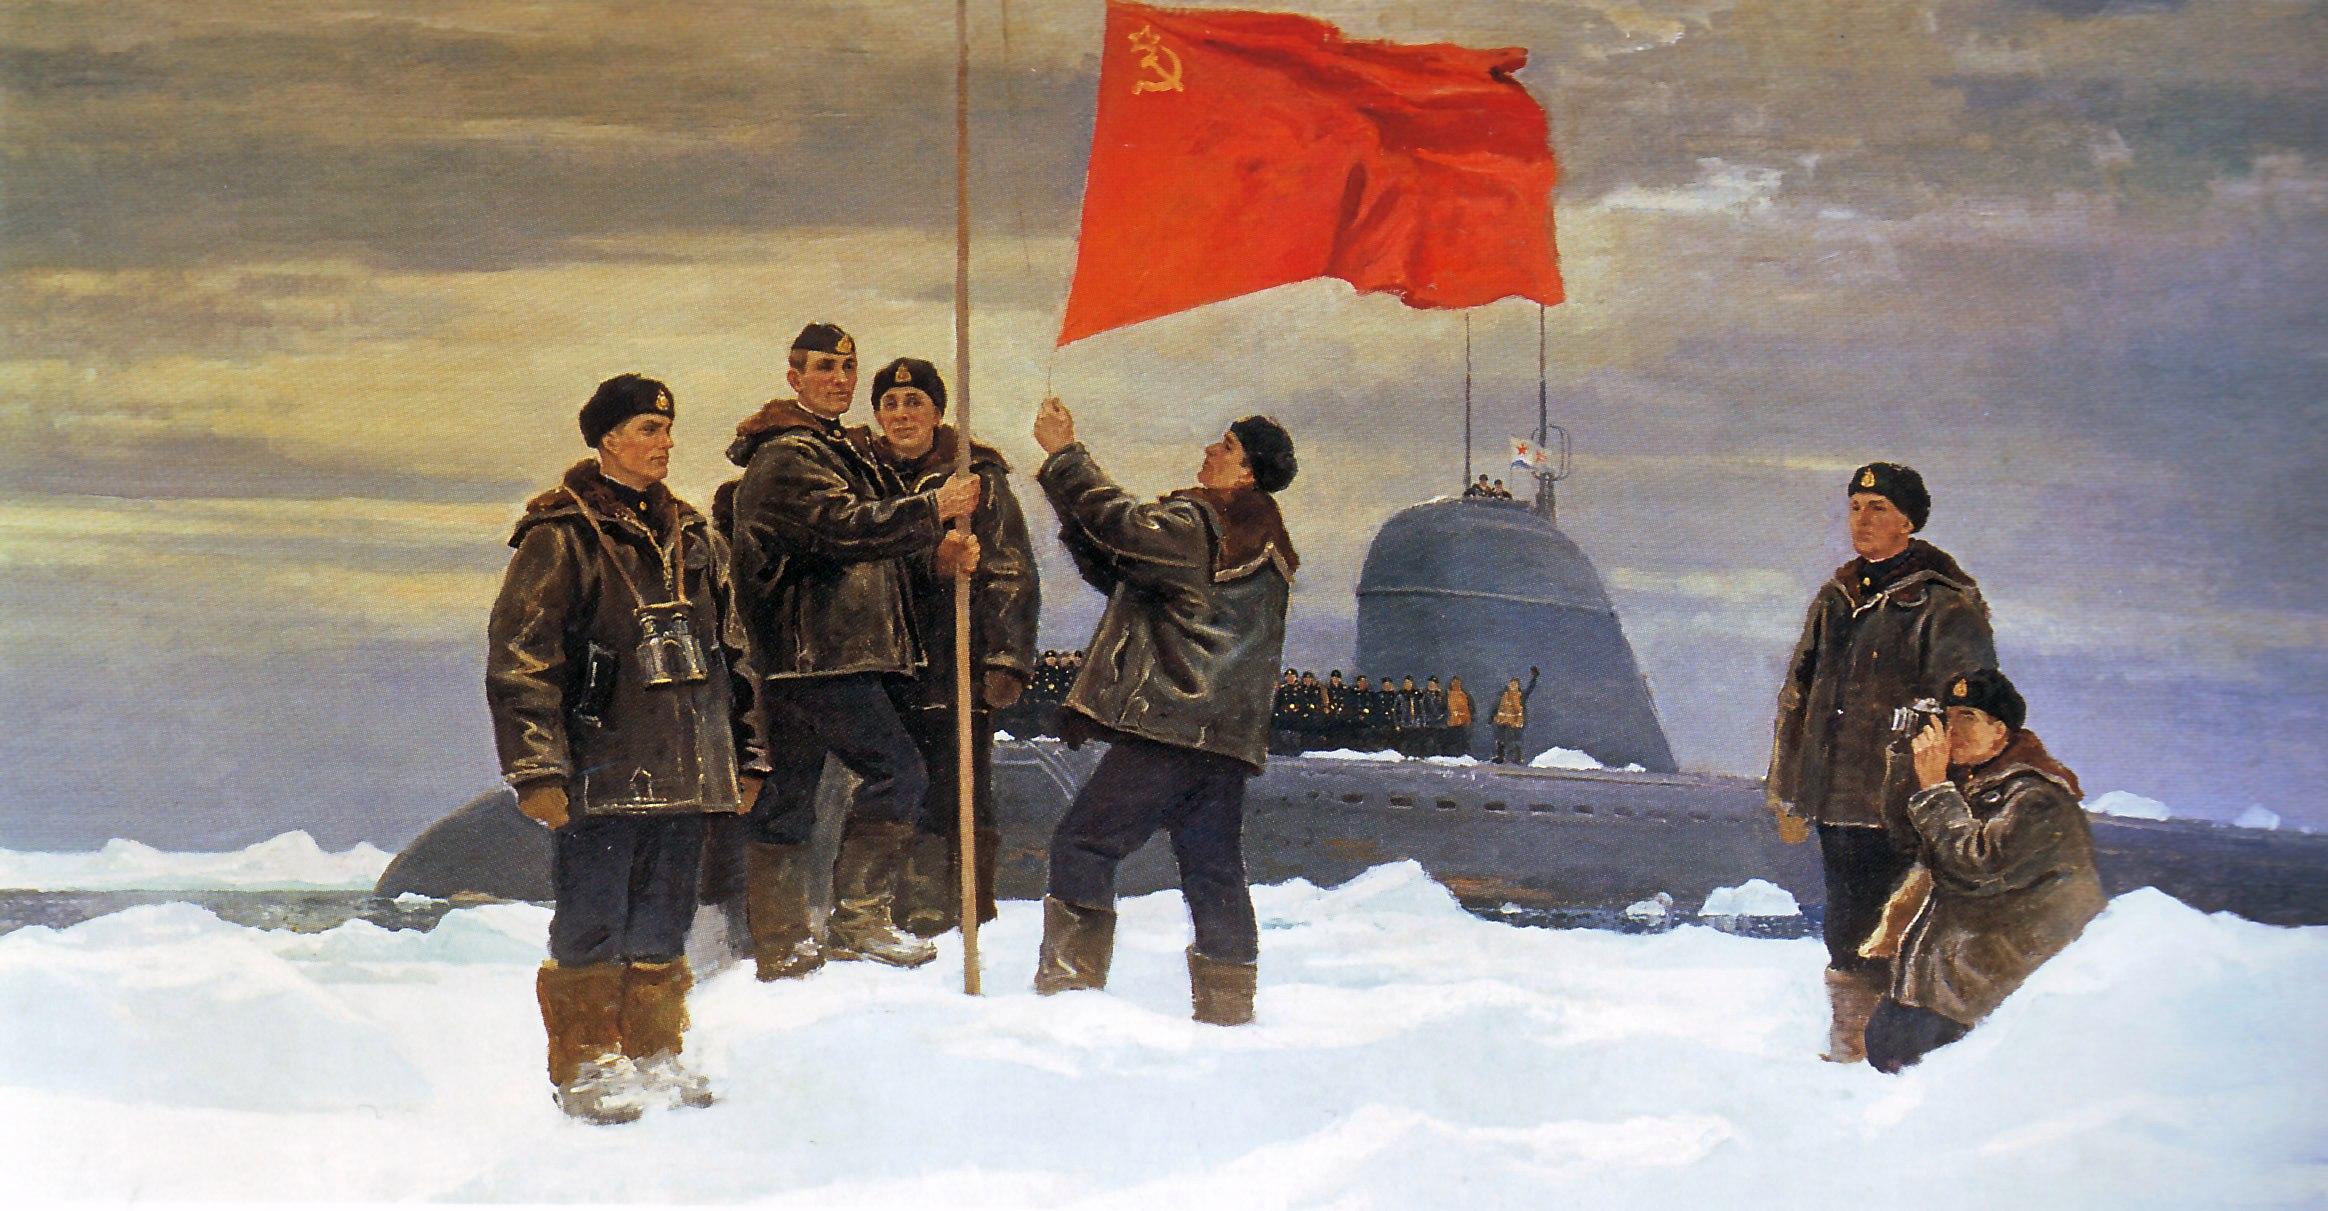 Подъём государственного флага СССР экипажем АПЛ Ленинский комсомол на Северном полюсе. 1985.jpg